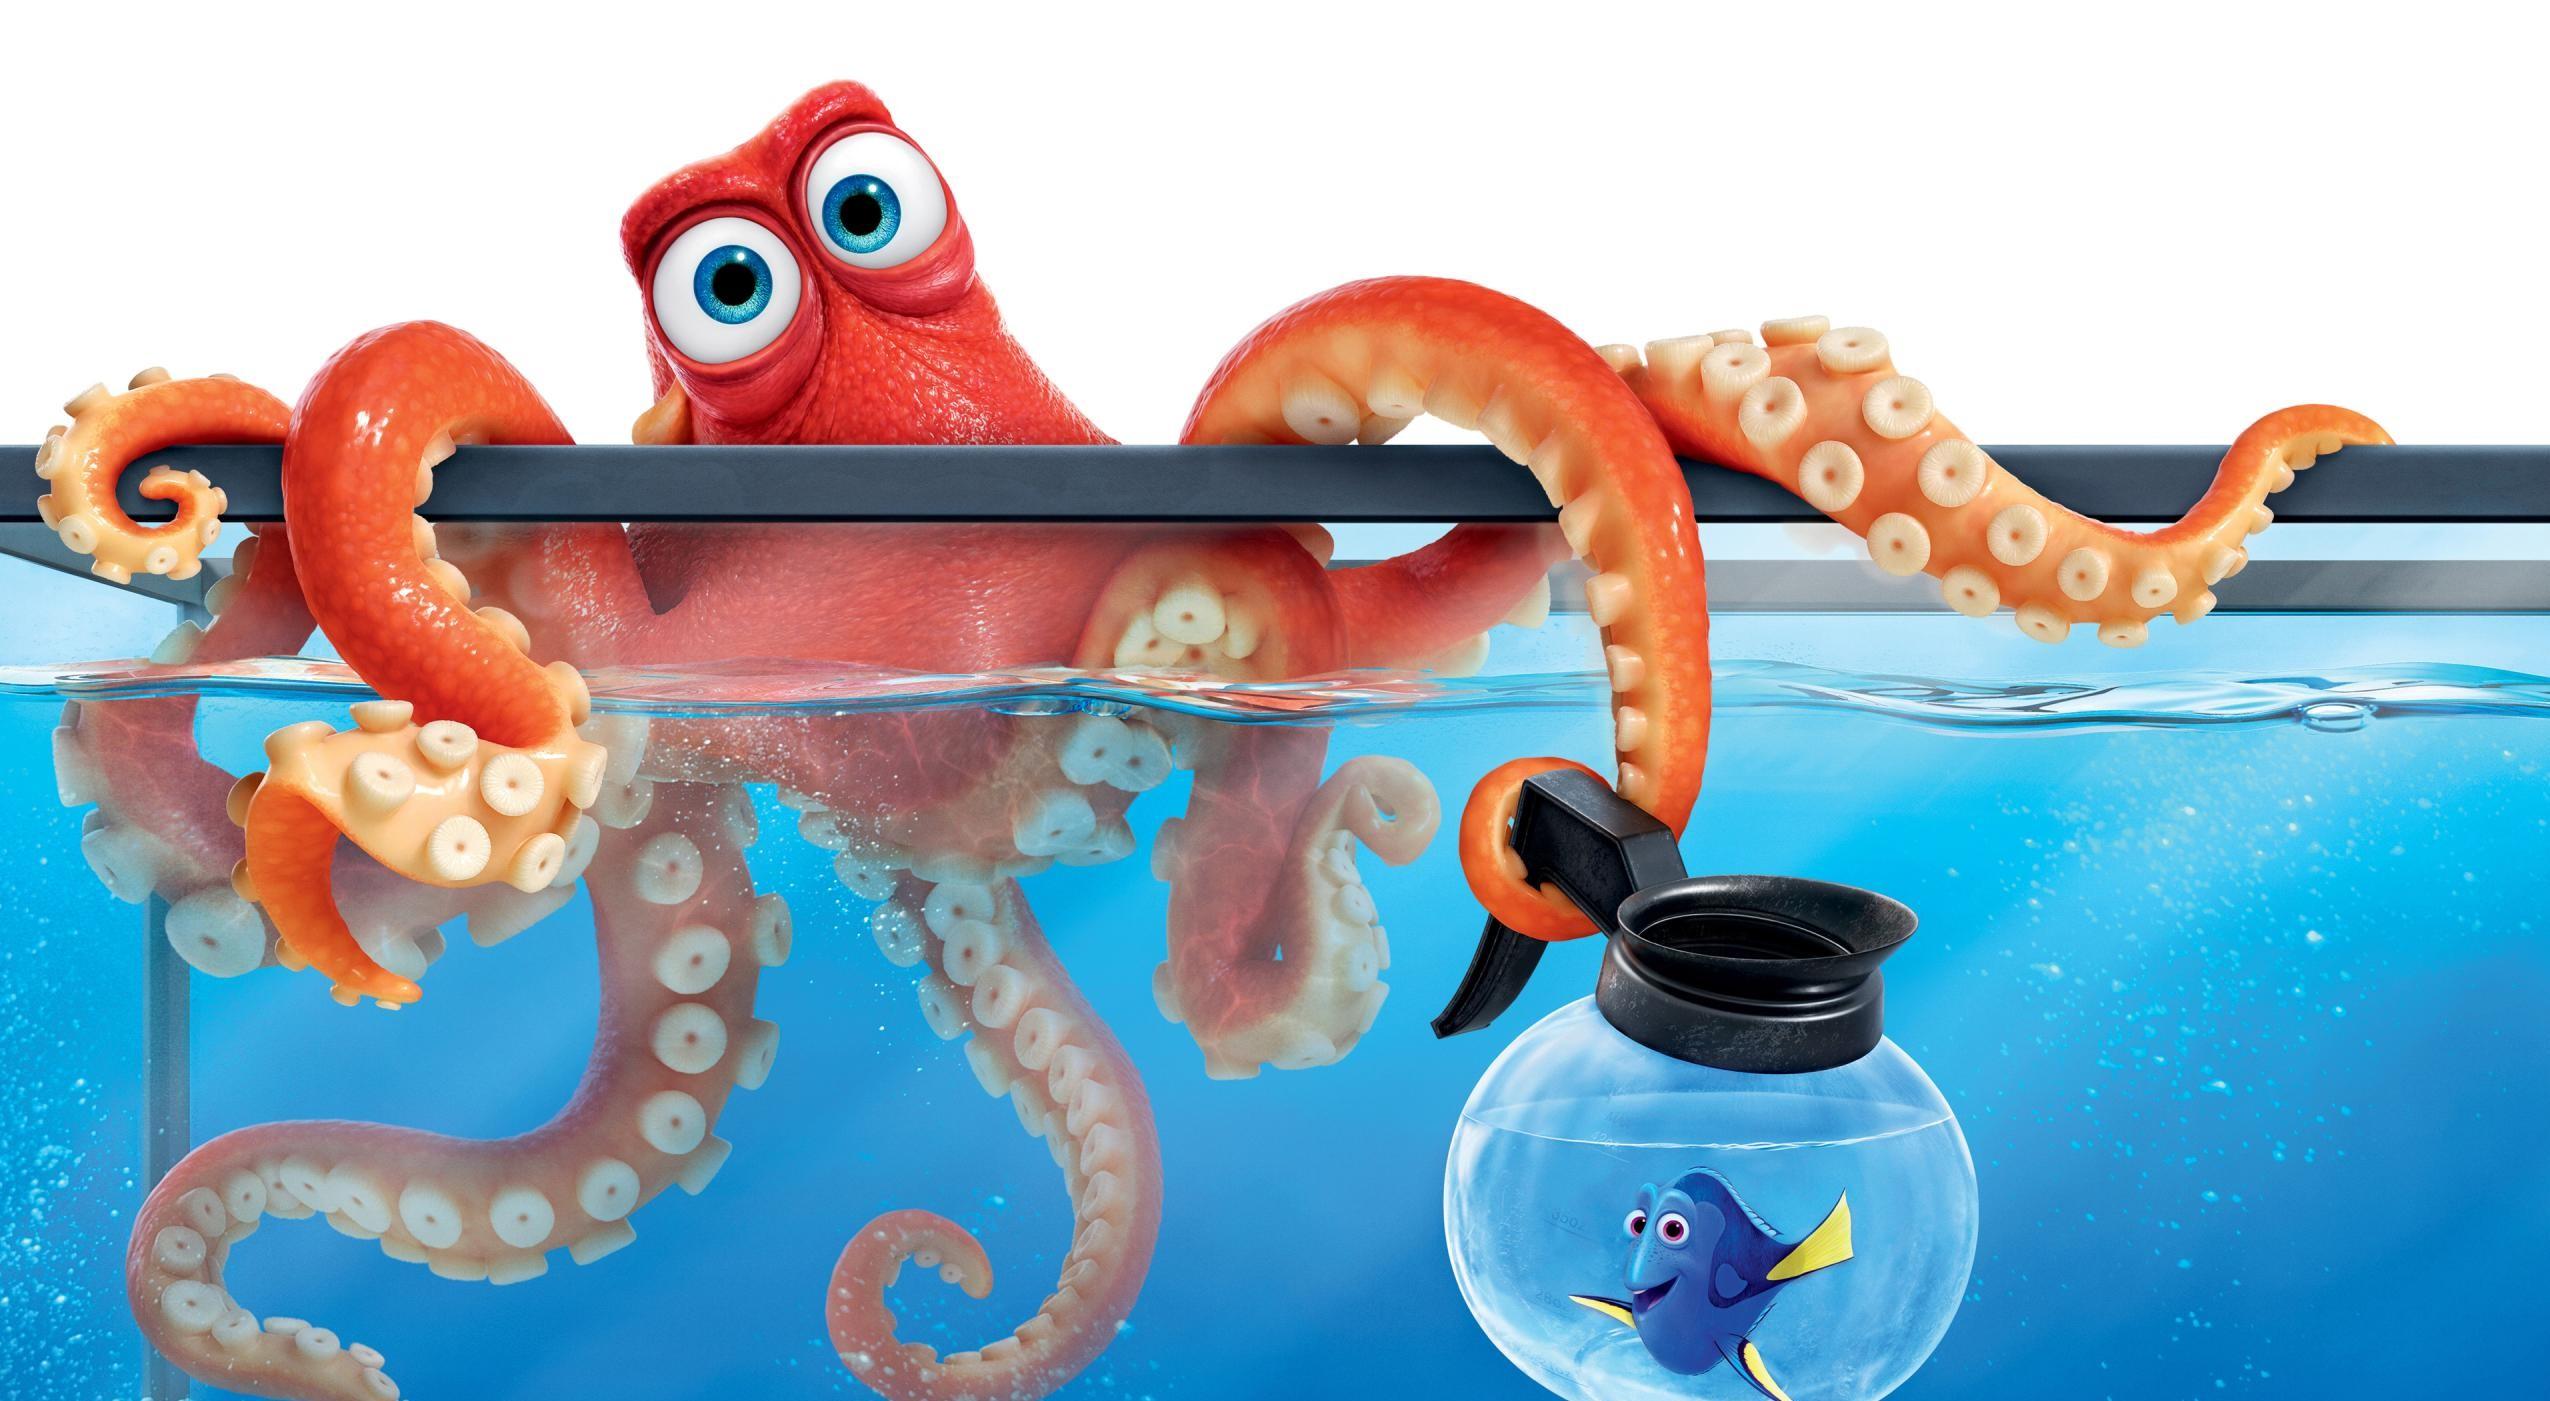 Foto promocional de Procurando Dory com o polvo Hank e a peixinha Dory. O polvo é vermelho alaranjado e possui olhos azuis claros. Ele está agarrado na parede de um aquário, com três tentáculos submersos. Os quatro restantes estão fora. Num dos tentáculos de fora, ele segura uma cafeteira baixa e arredondada transparente com o bocal preto. Dentro dela, está Dory, um peixe da espécie cirurgião-patela. Ela é azul com a parte dorsal preta e nadadeiras amarelas. Ela sorri e acena com a nadadeira direita.